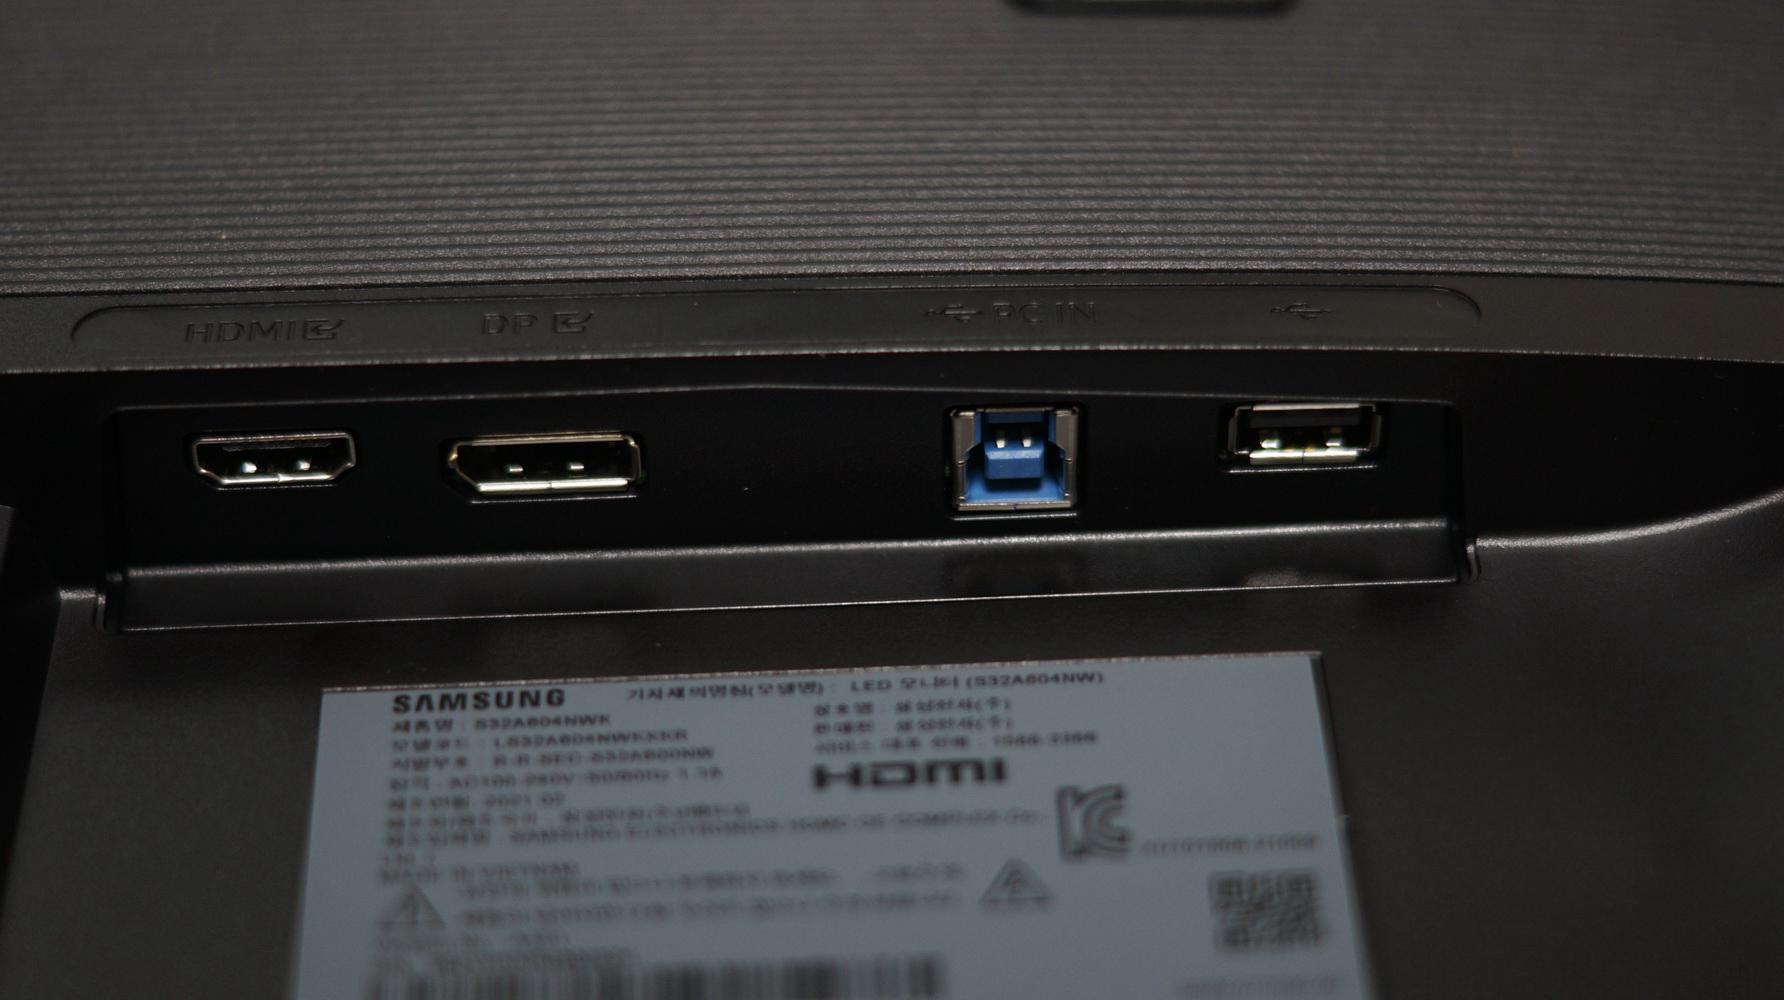 삼성 32인치모니터 QHD모니터 S32A604N 리뷰 사진 7